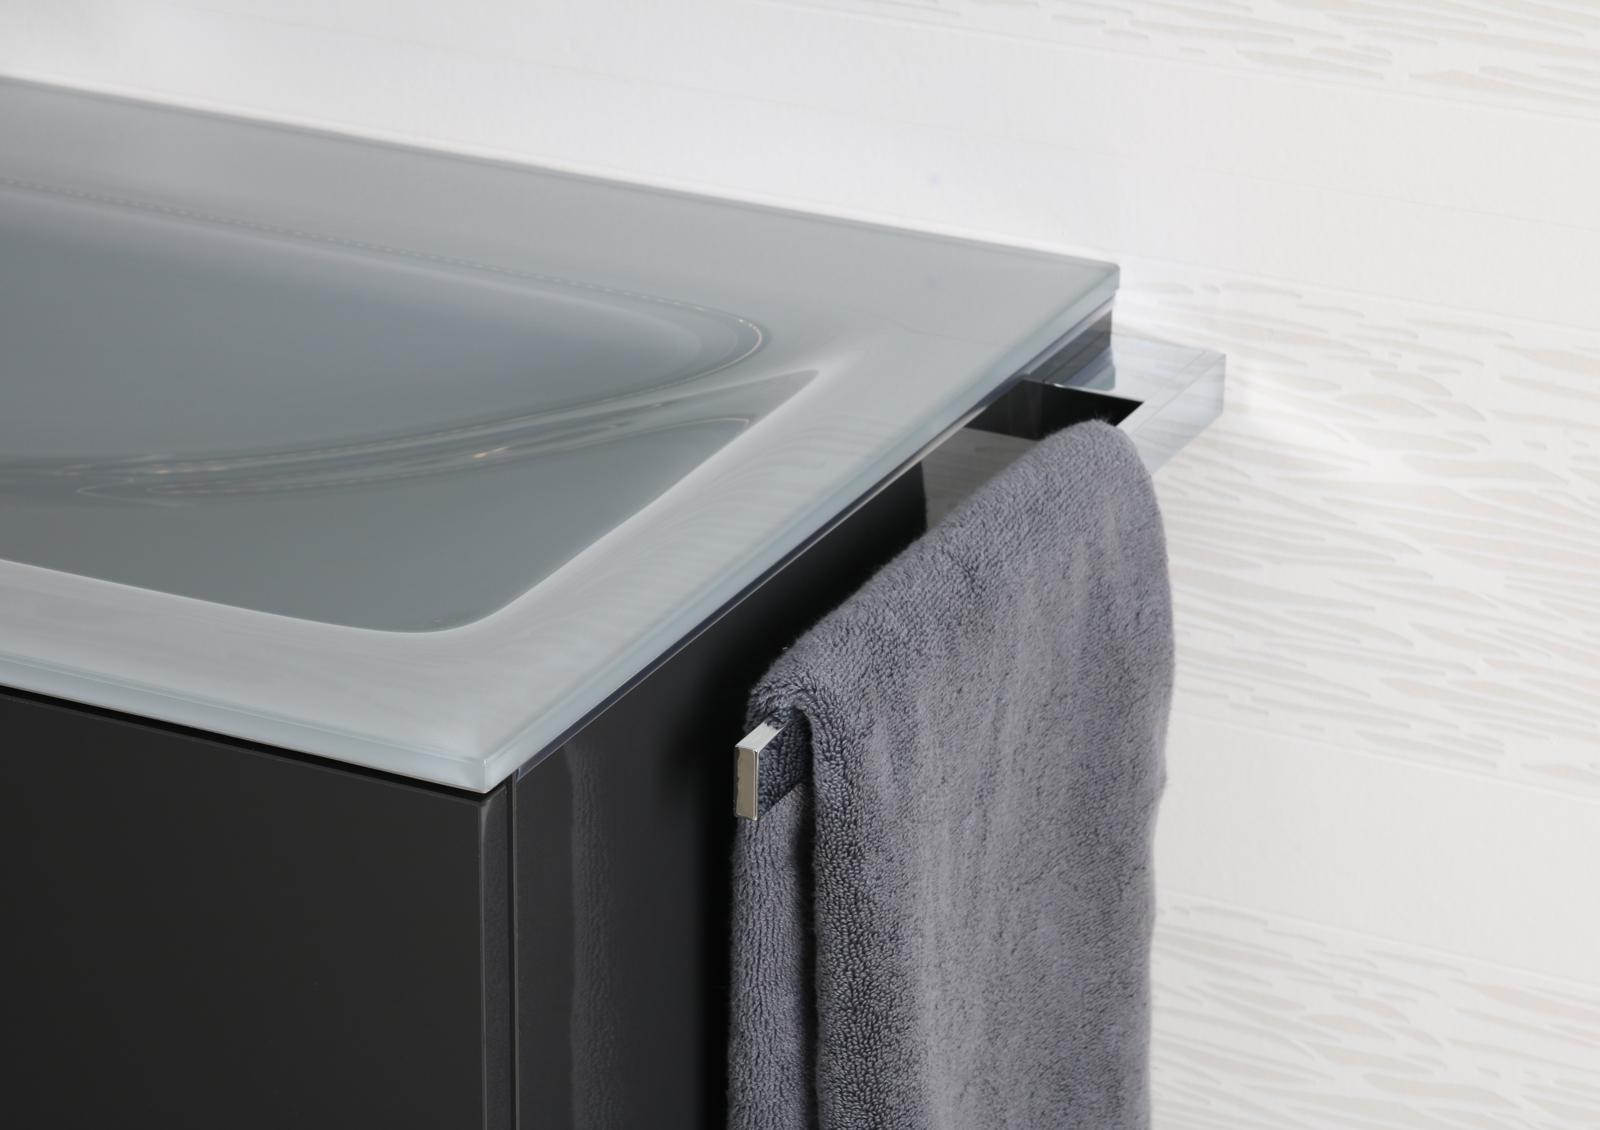 handtuchhalter bad chrom design handtuchstange bad accessoires badetuchstange. Black Bedroom Furniture Sets. Home Design Ideas